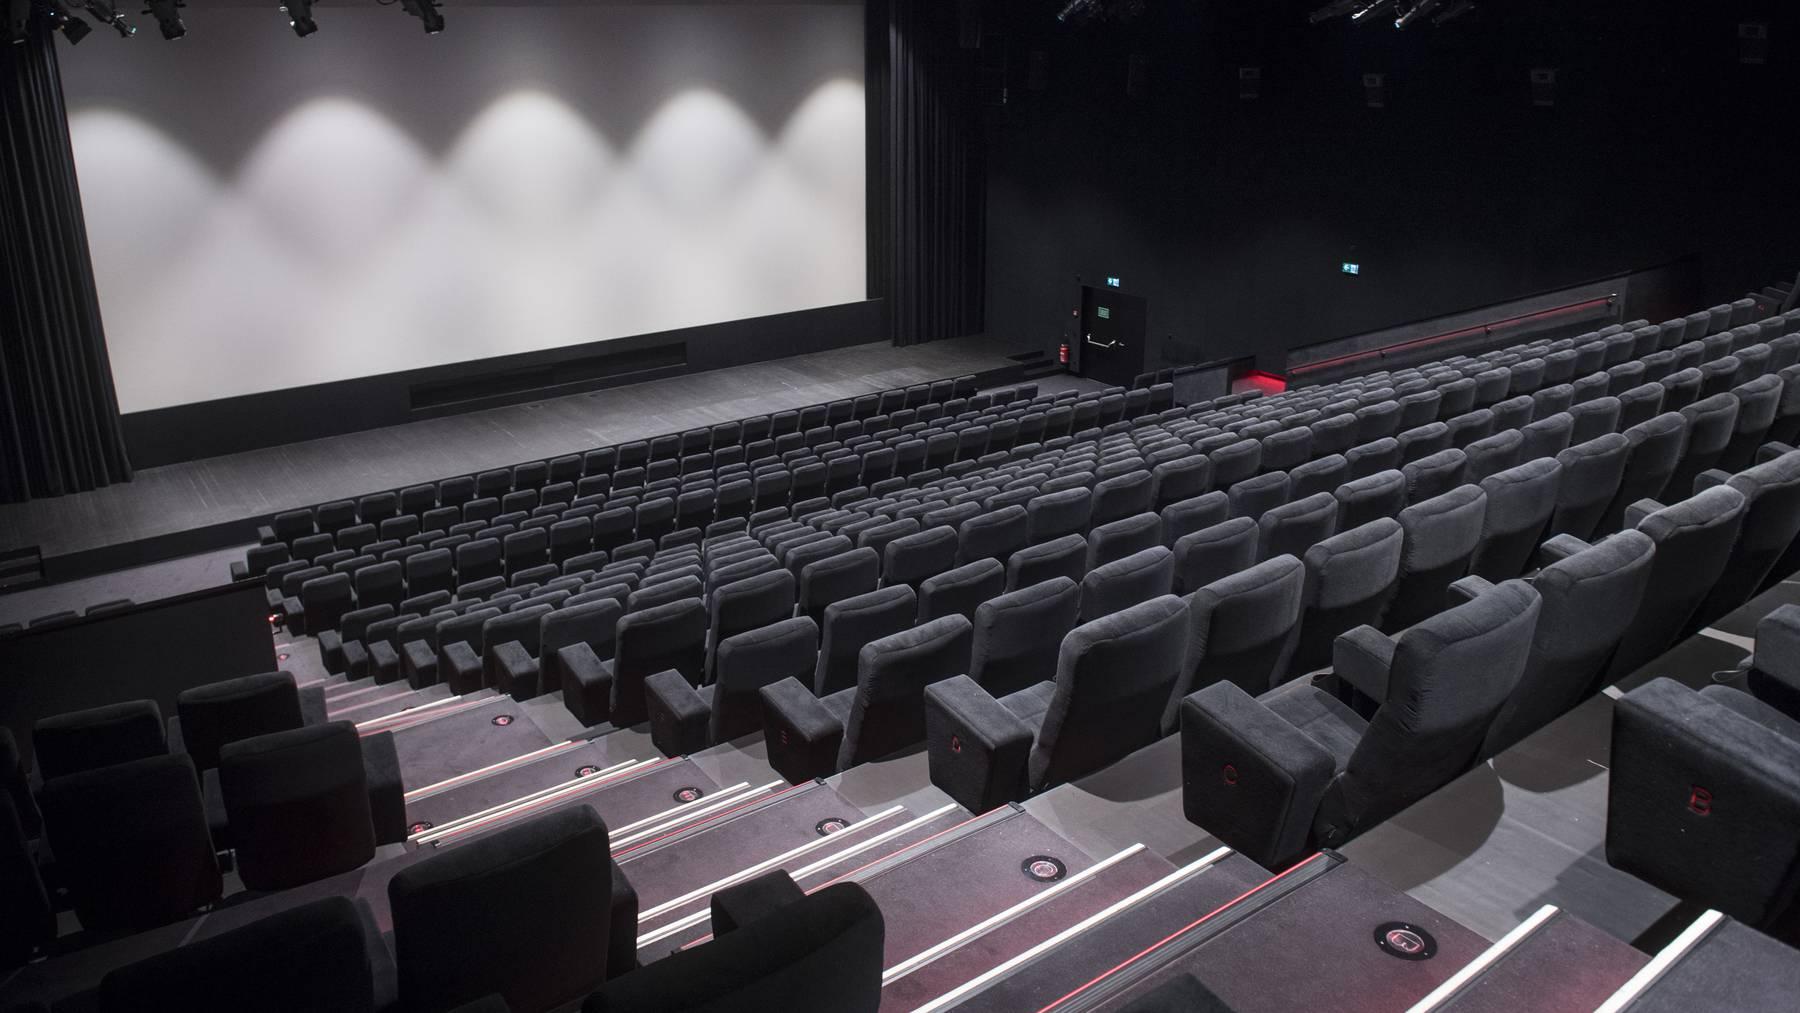 Derzeit sind die Kinosäle leer. Aber im letzten Jahr gingen wieder mehr Schweizer und Schweizerinnen ins Kino.